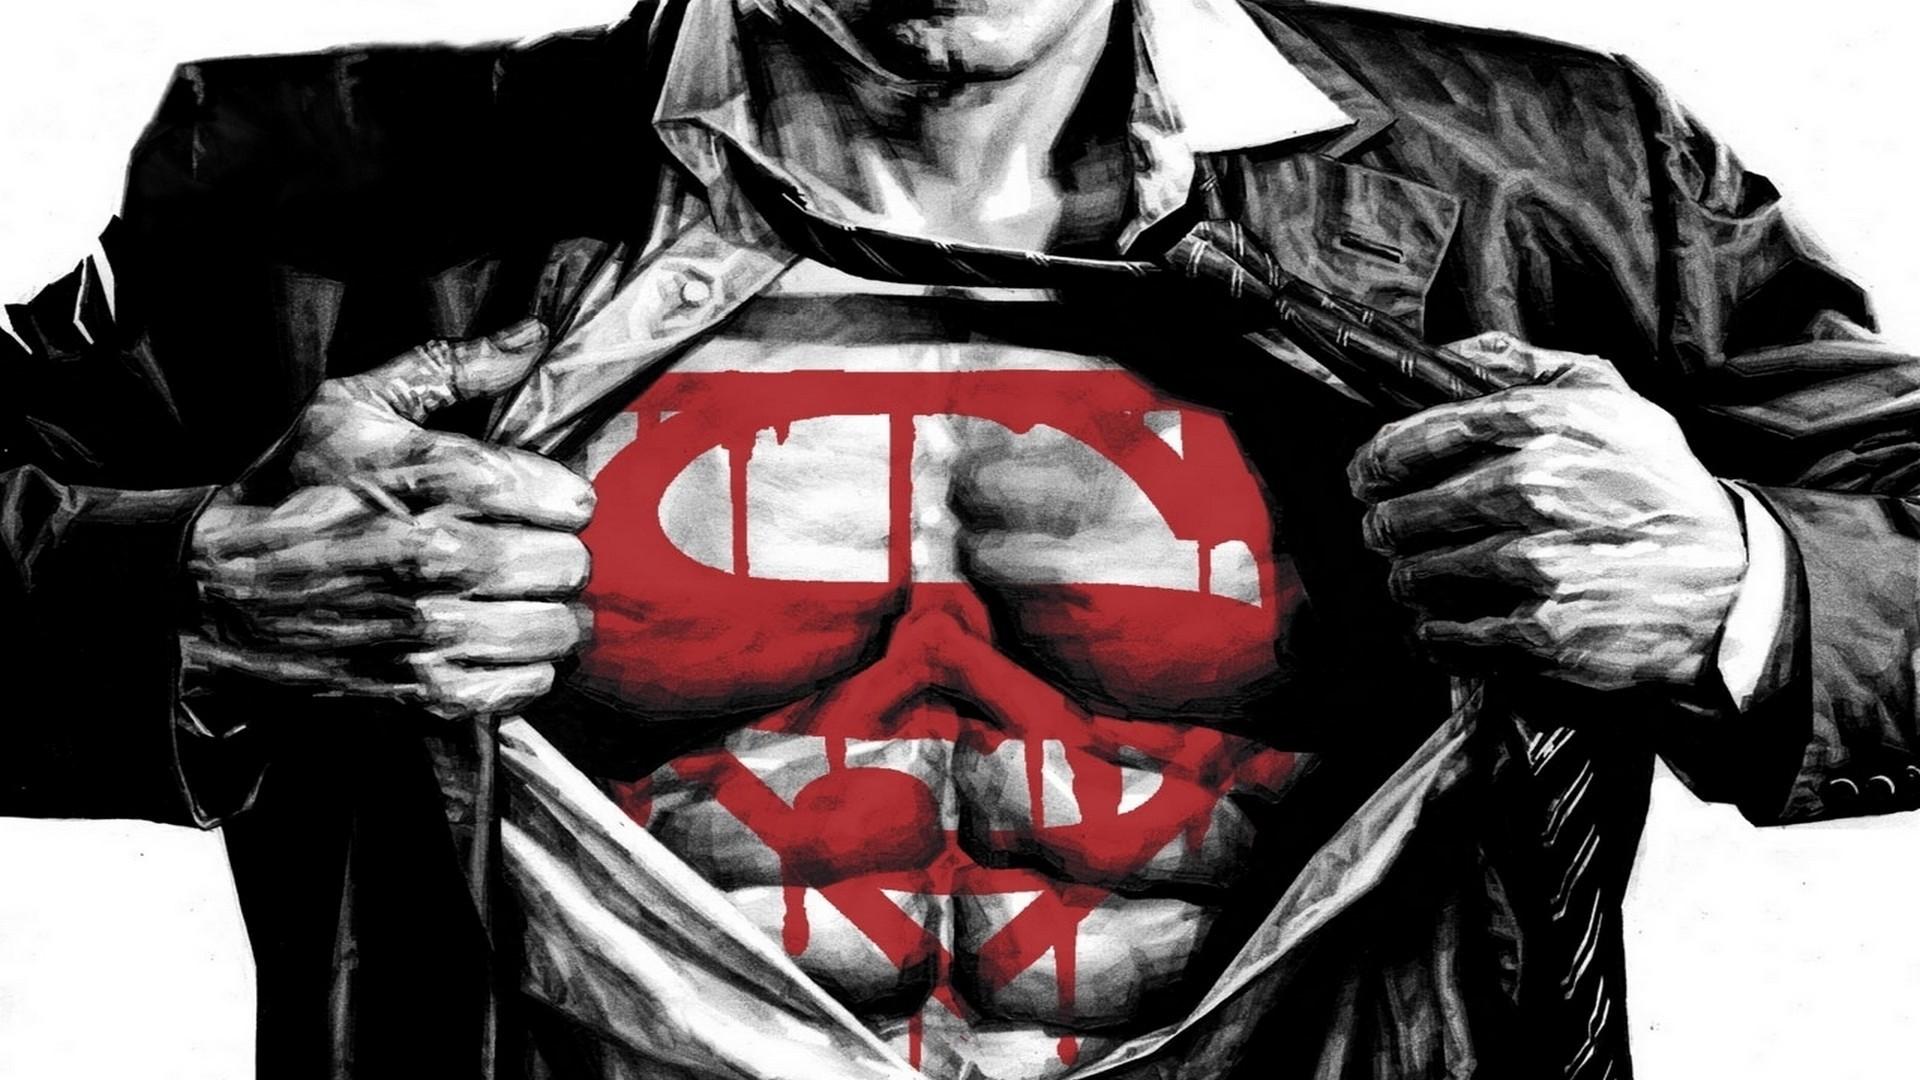 Dc comics hd wallpaper 67 images - Dc characters wallpaper hd ...